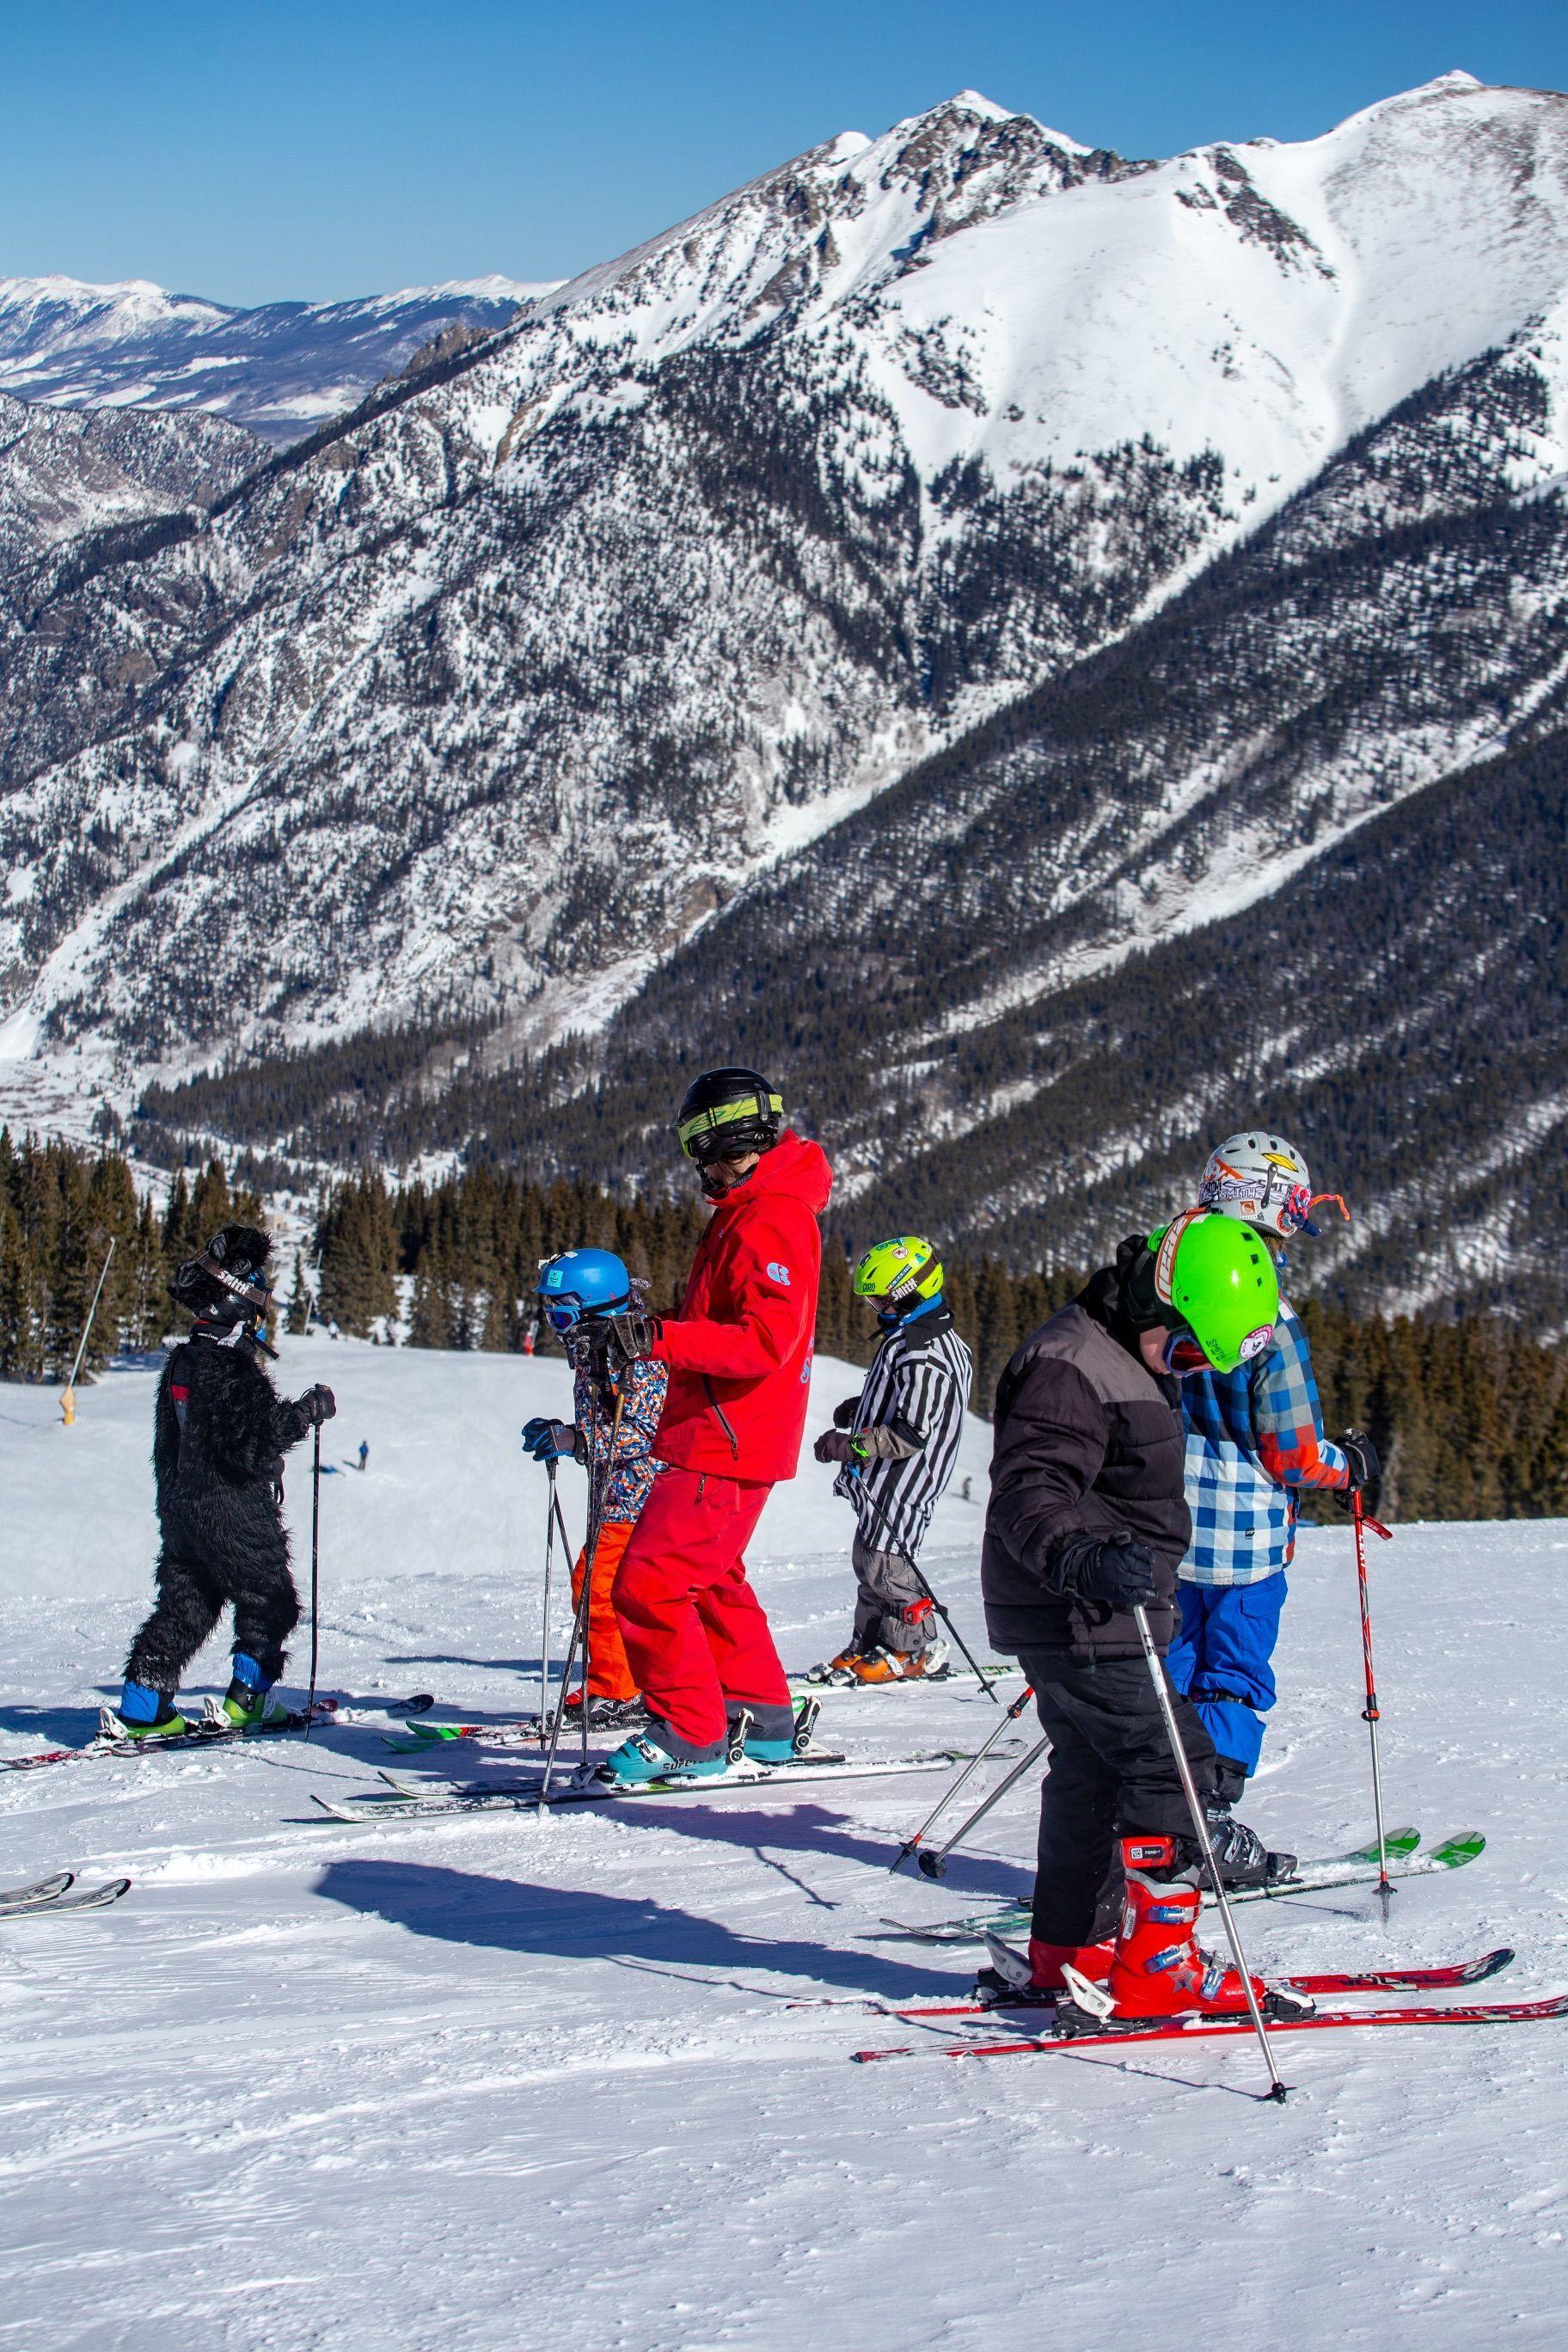 Copper Mountain Ski Ride School Colorado Ski Resort Learn To Ski Learn To Ride Ski Lessons Ski Learni Copper Mountain Ski Skiing Lessons Ski Instructor